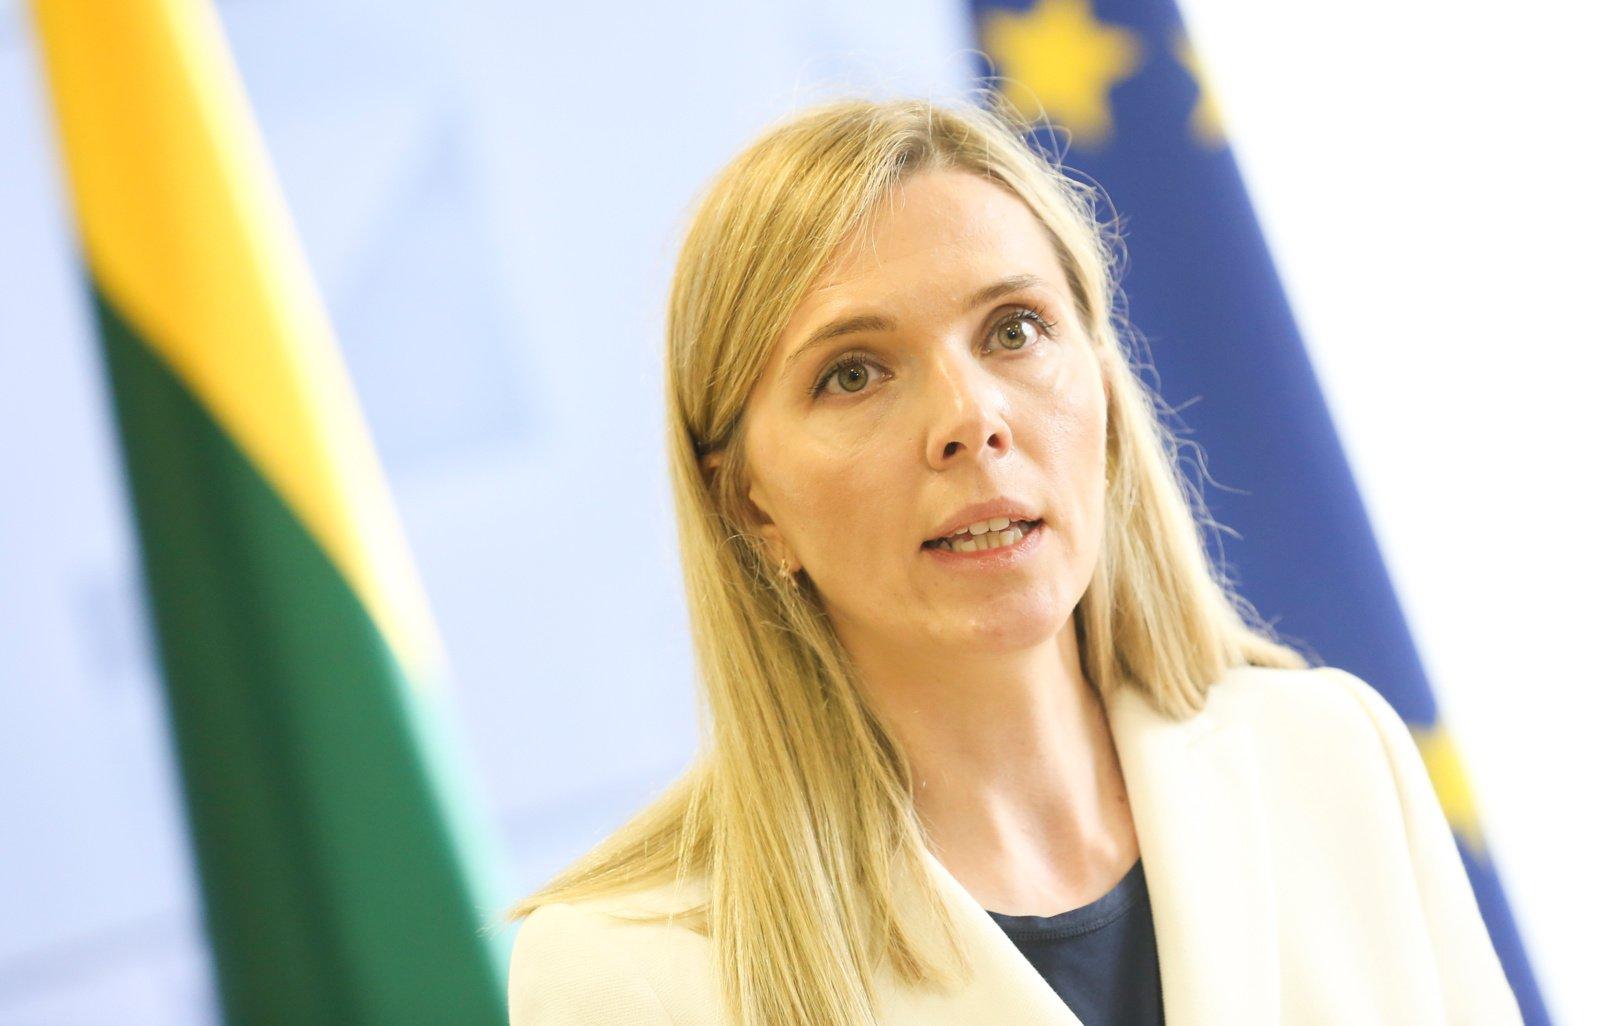 Ministrė dėl protesto Rūdninkuose kreipėsi į teisėsaugą: tai akivaizdi piktybinė provokacija